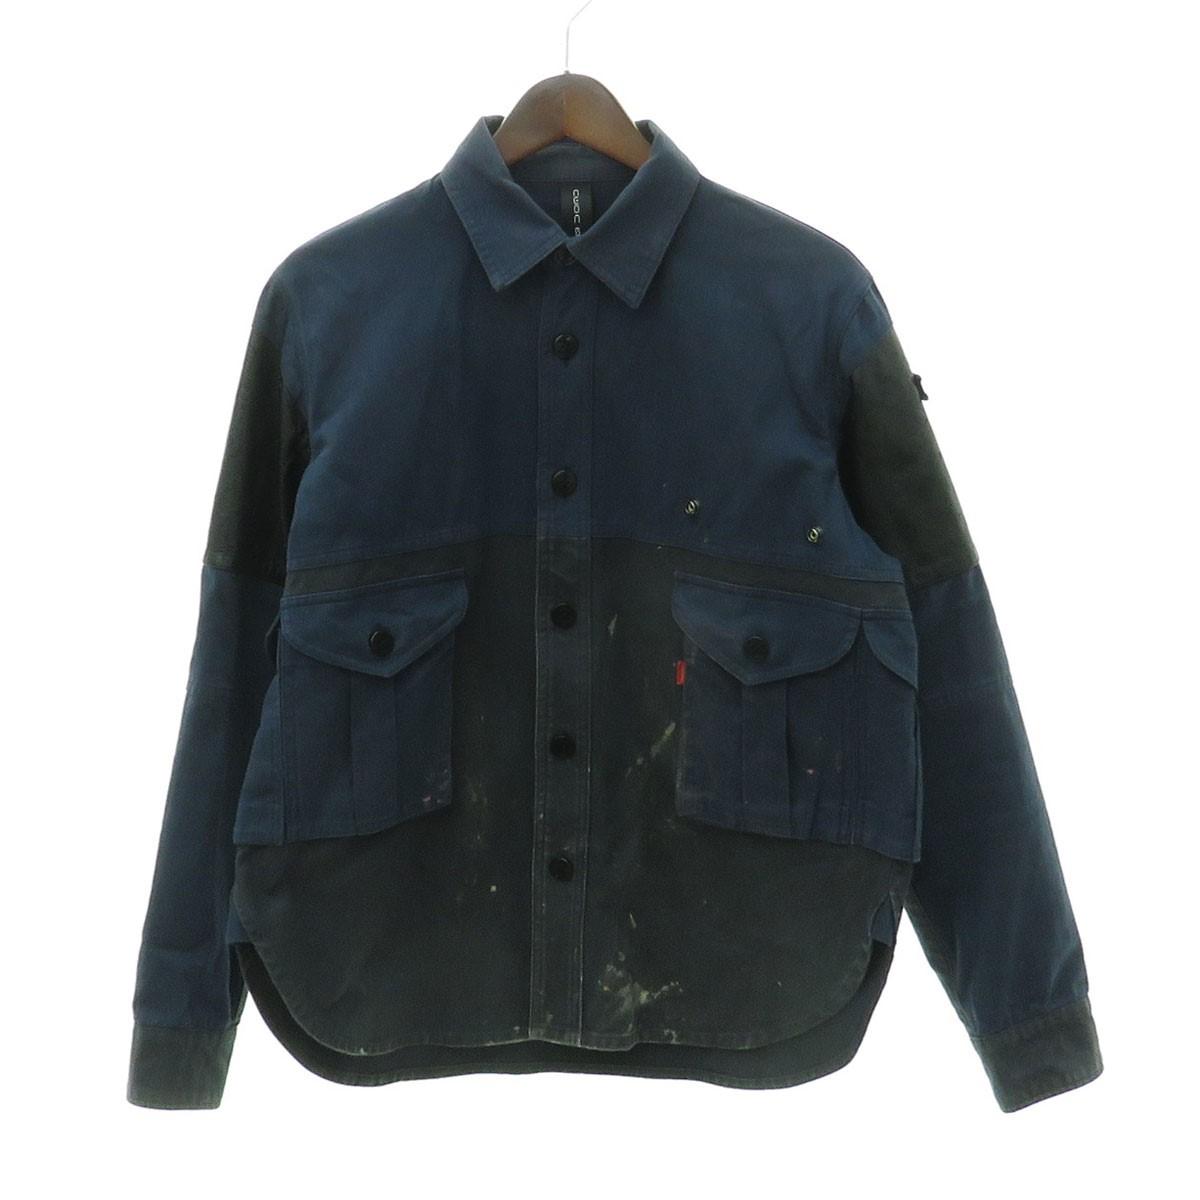 【中古】NEON SIGN リメイクシャツジャケット ネイビー×ブラック サイズ:2 【300420】(ネオンサイン)